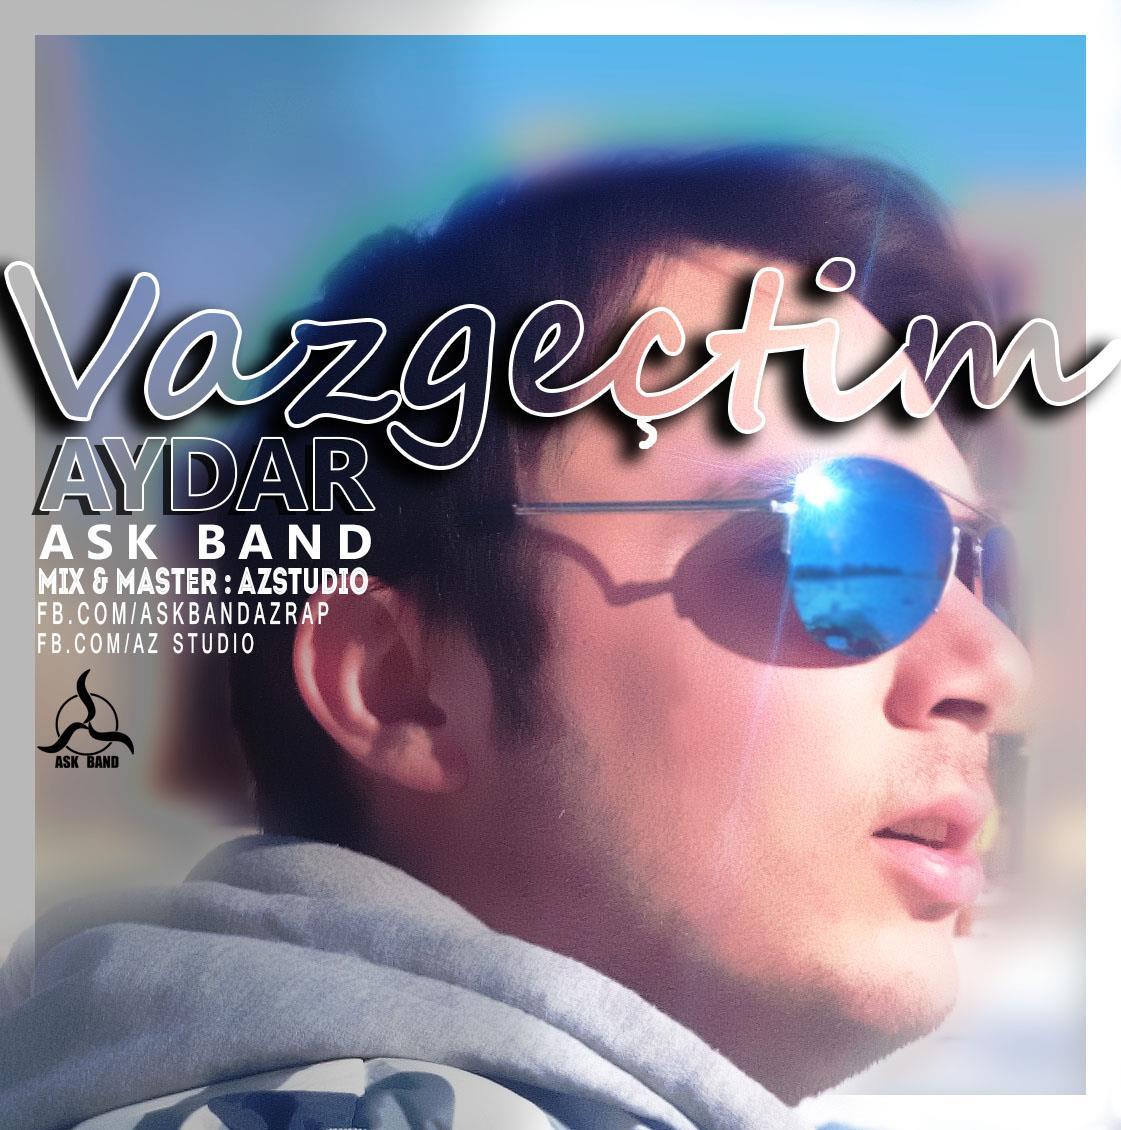 دانلود آهنگ جدید Aydar (Askband) به نام Vazgctim